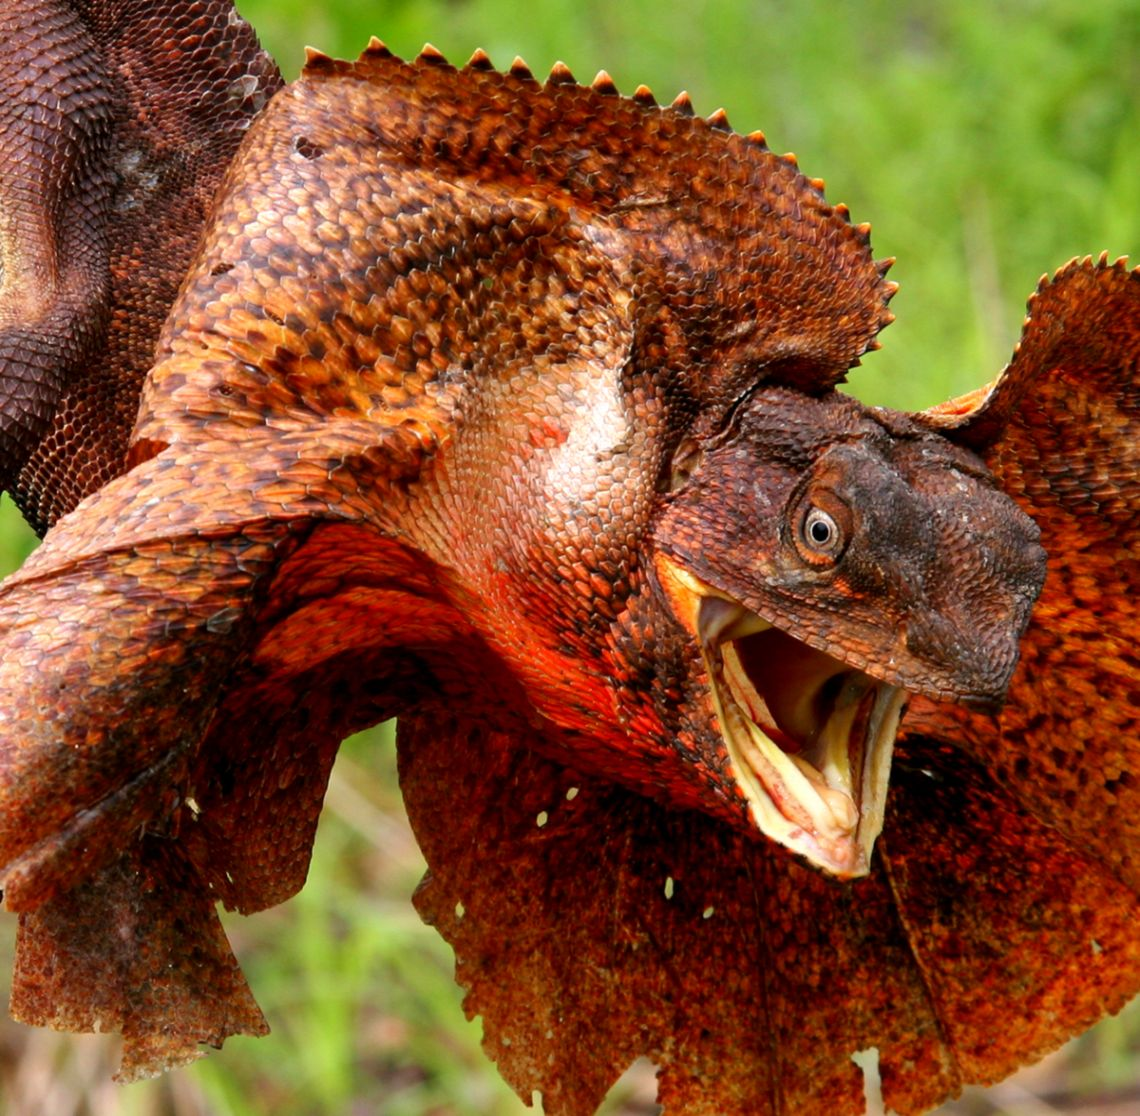 Frilled Lizard Chlamydosaurus Kingii about animals